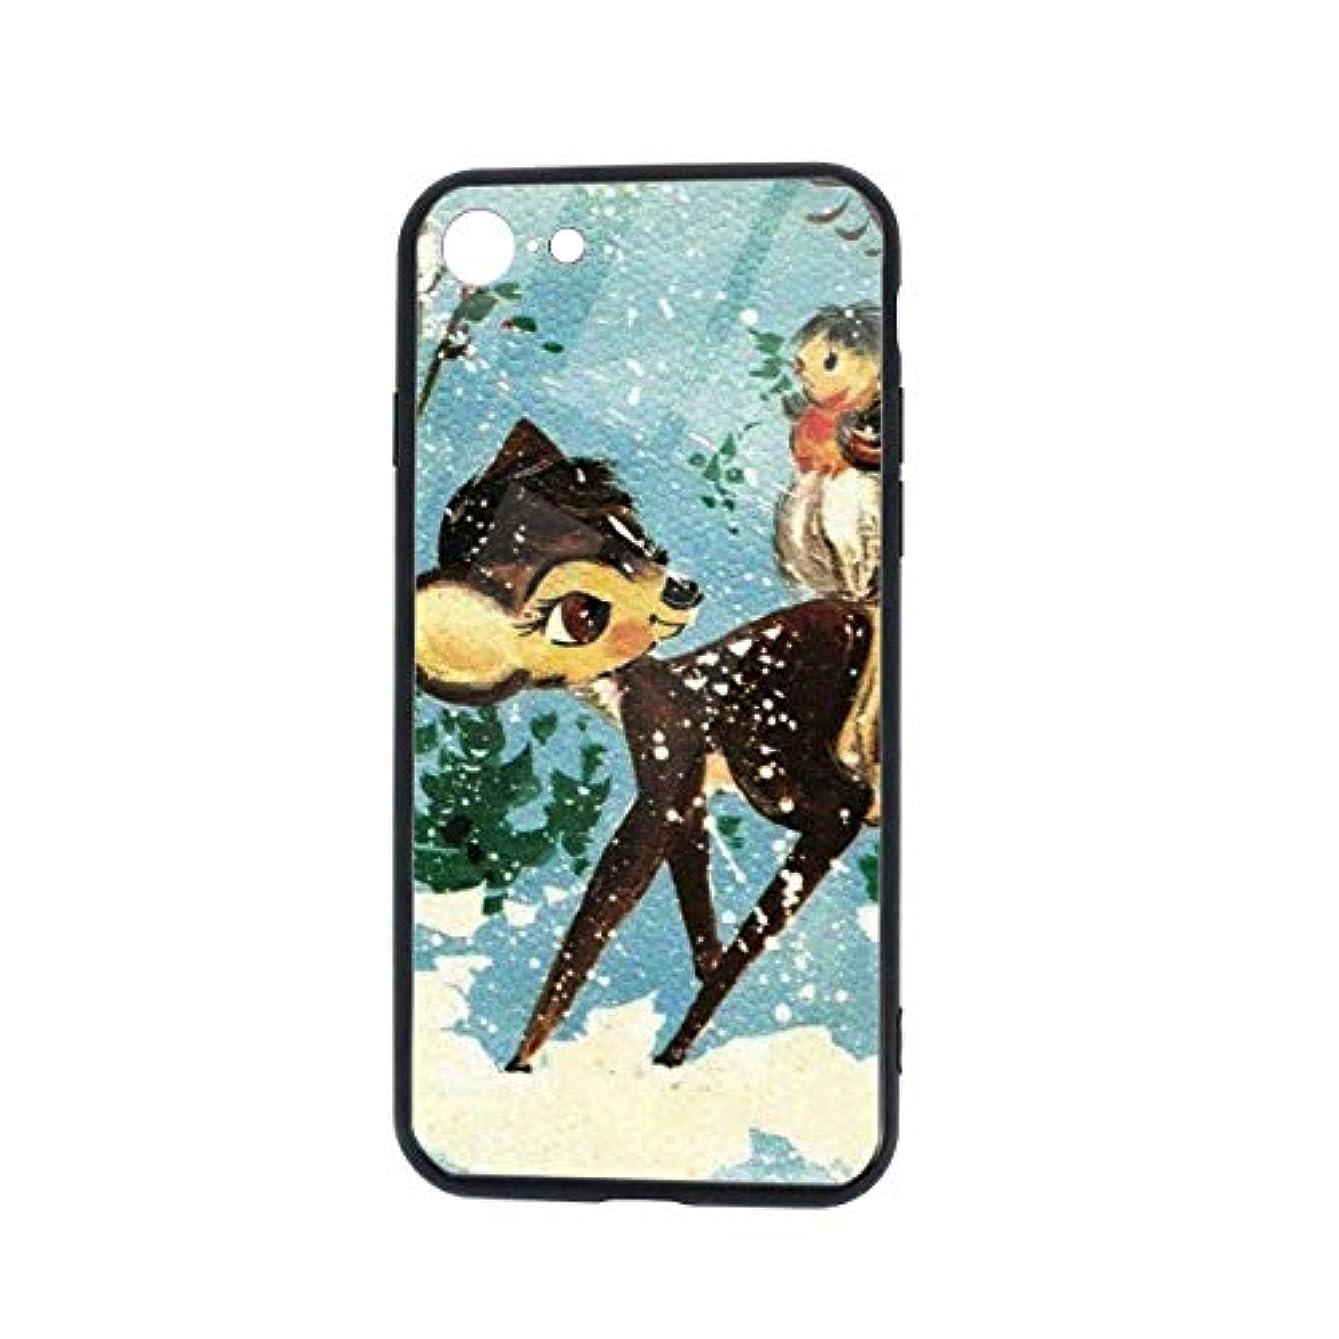 ひねくれた乞食パリティIPhone8 ケース IPhone7ケース メリークリスマス トナカイ 強化ガラス 高透明 黄変防止 四隅滑り止め ストラップホール付き